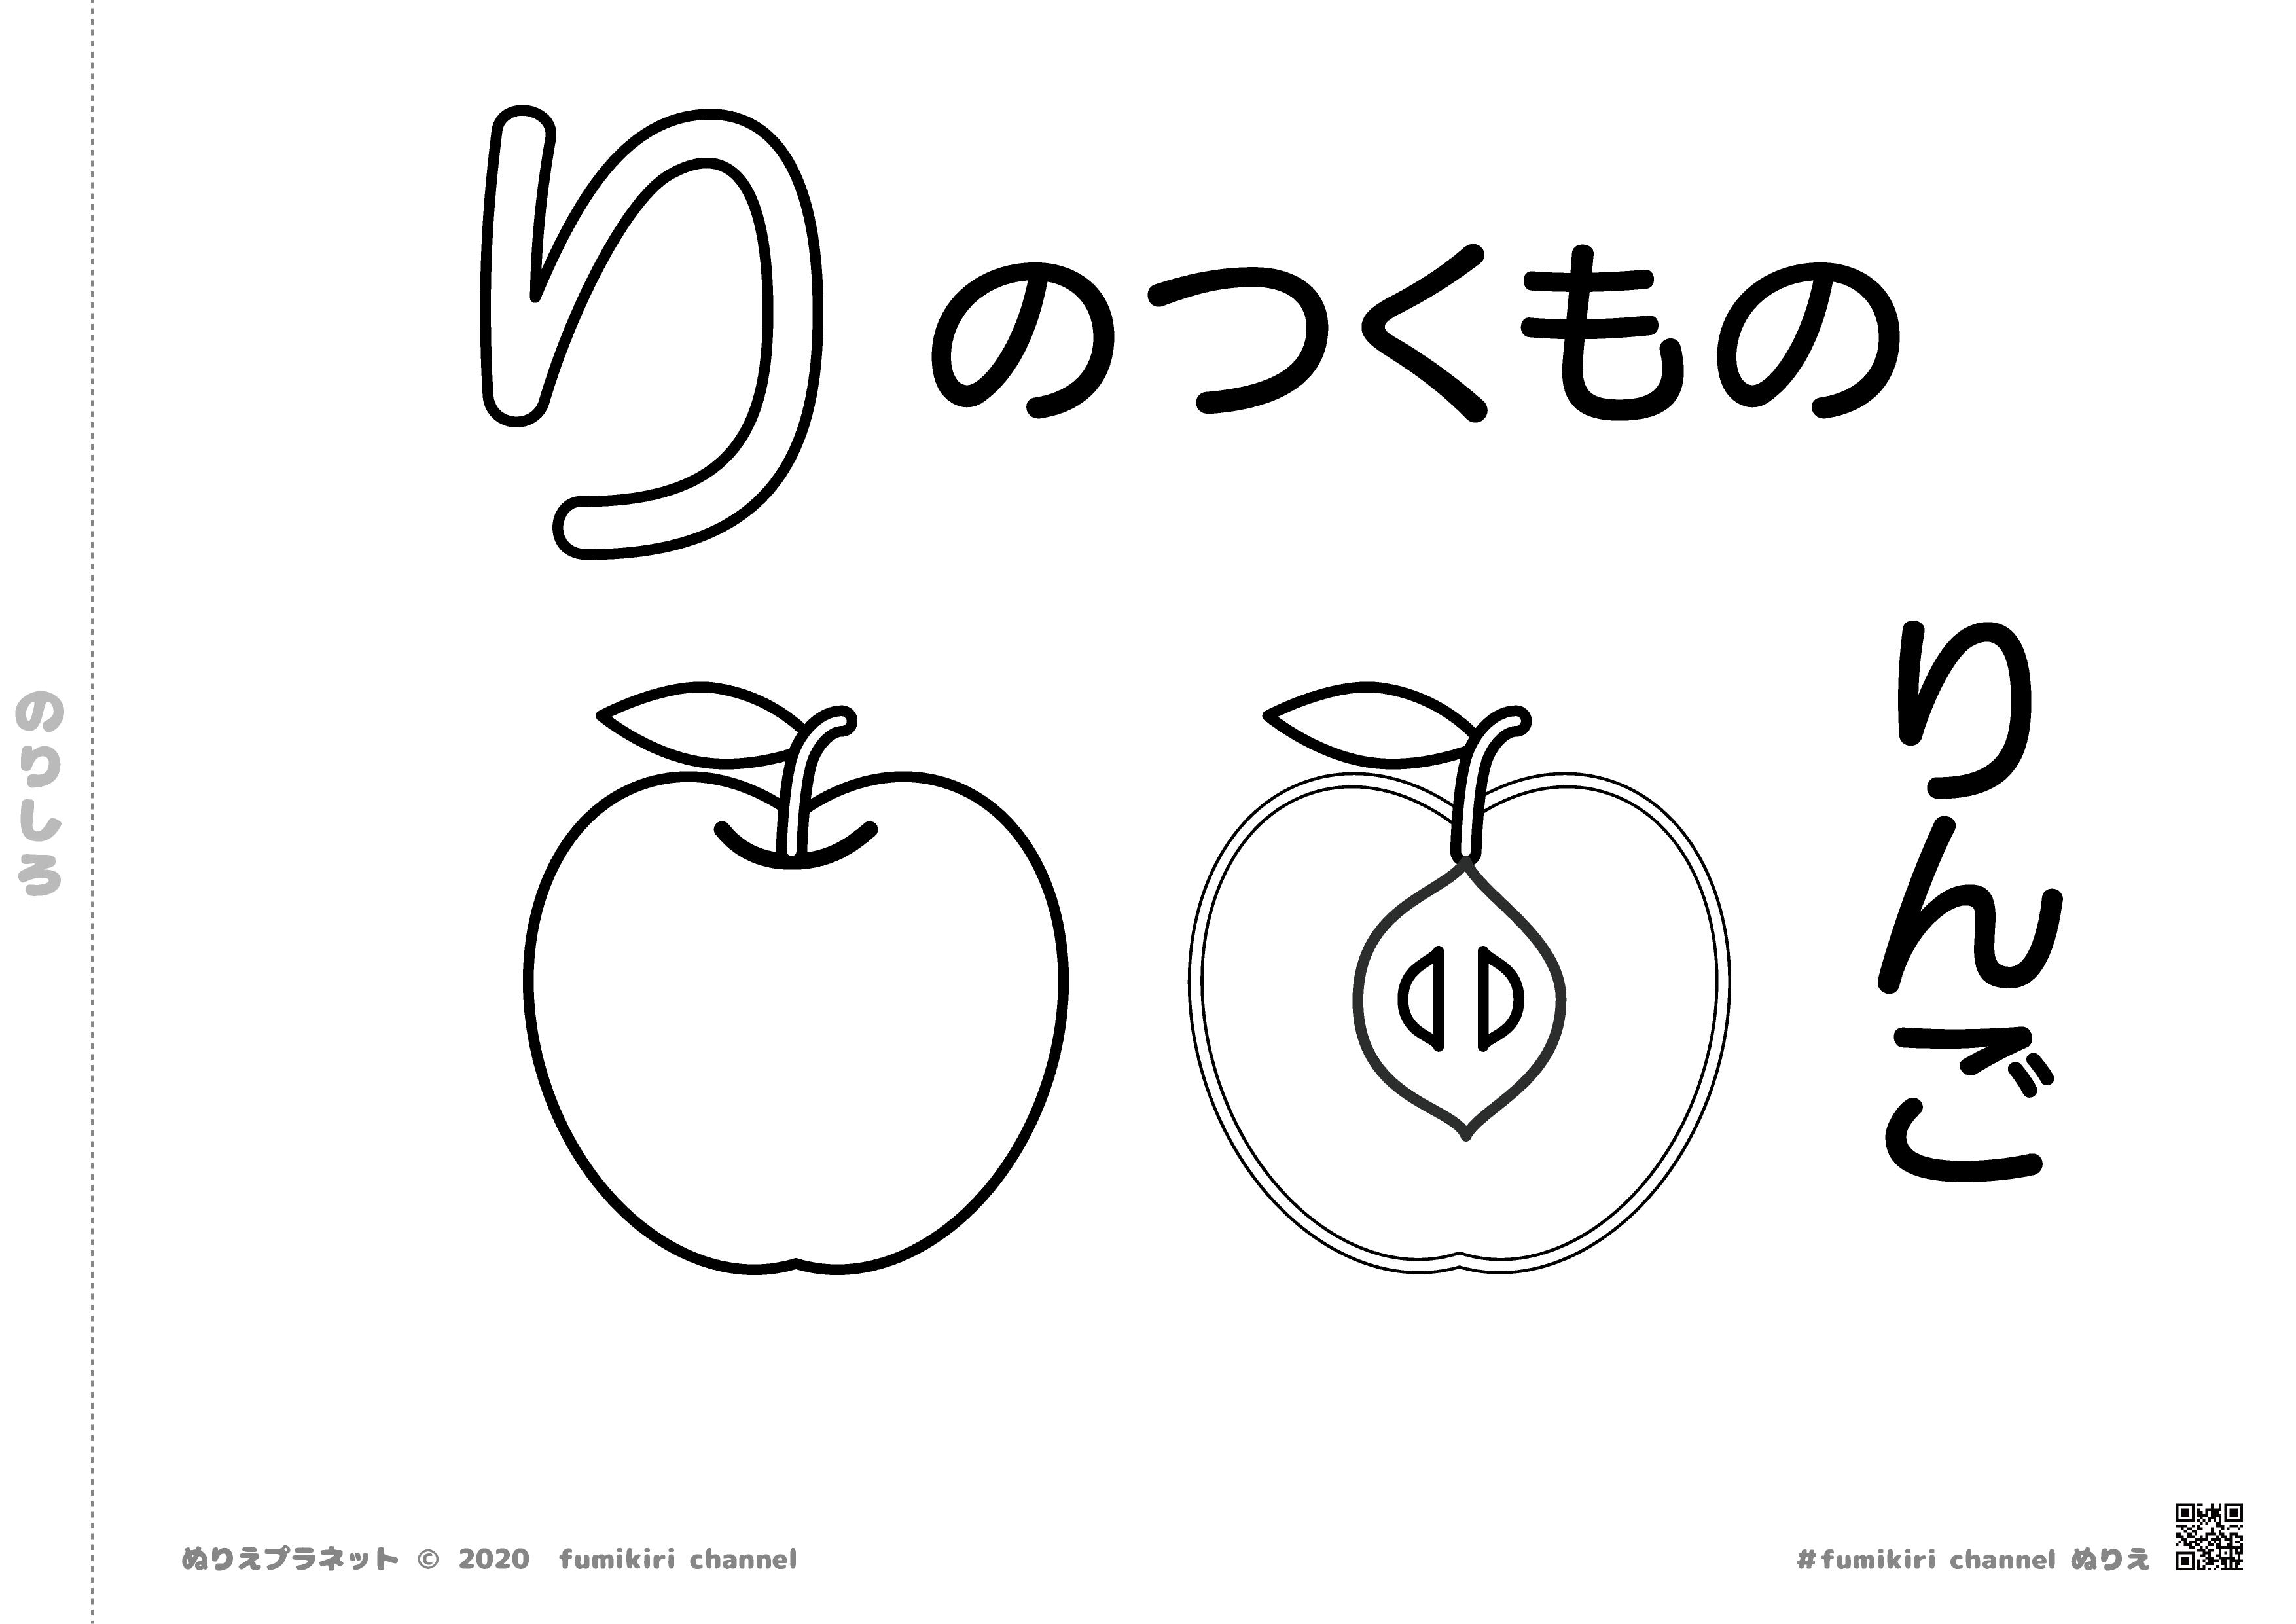 みんな大好き美味しい「りんご」の塗り絵